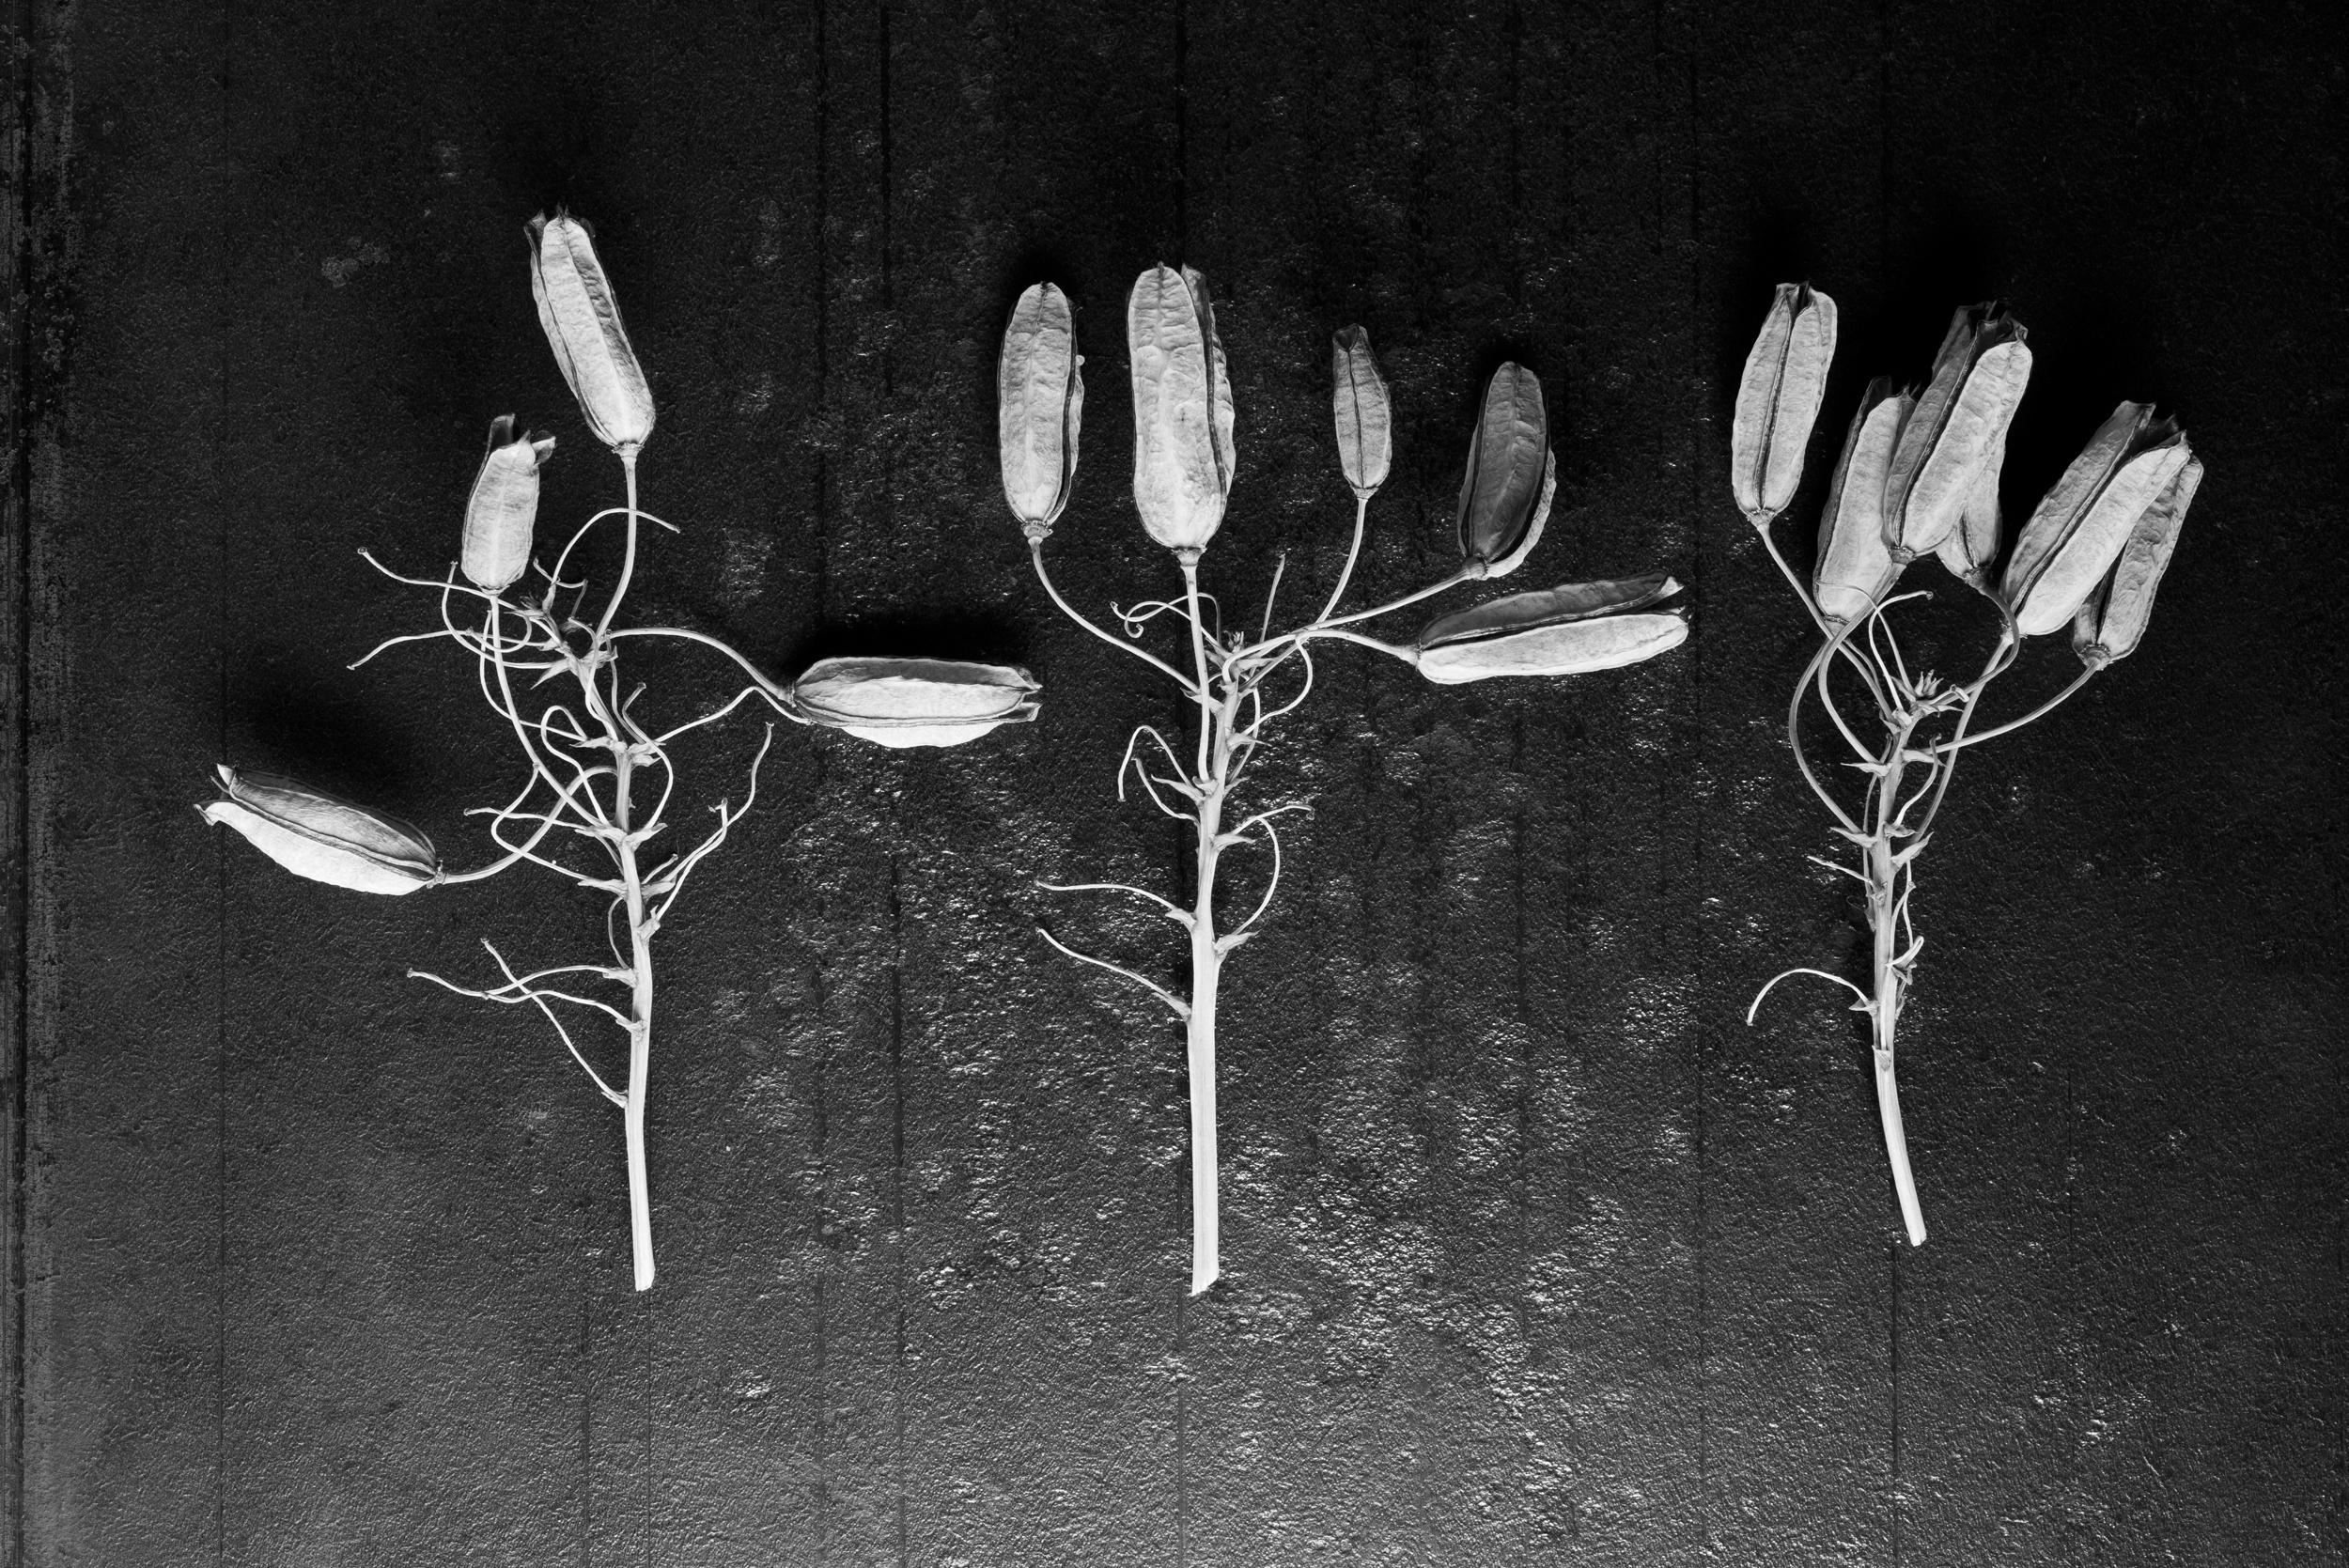 Aloe pod stems on steel, 2016